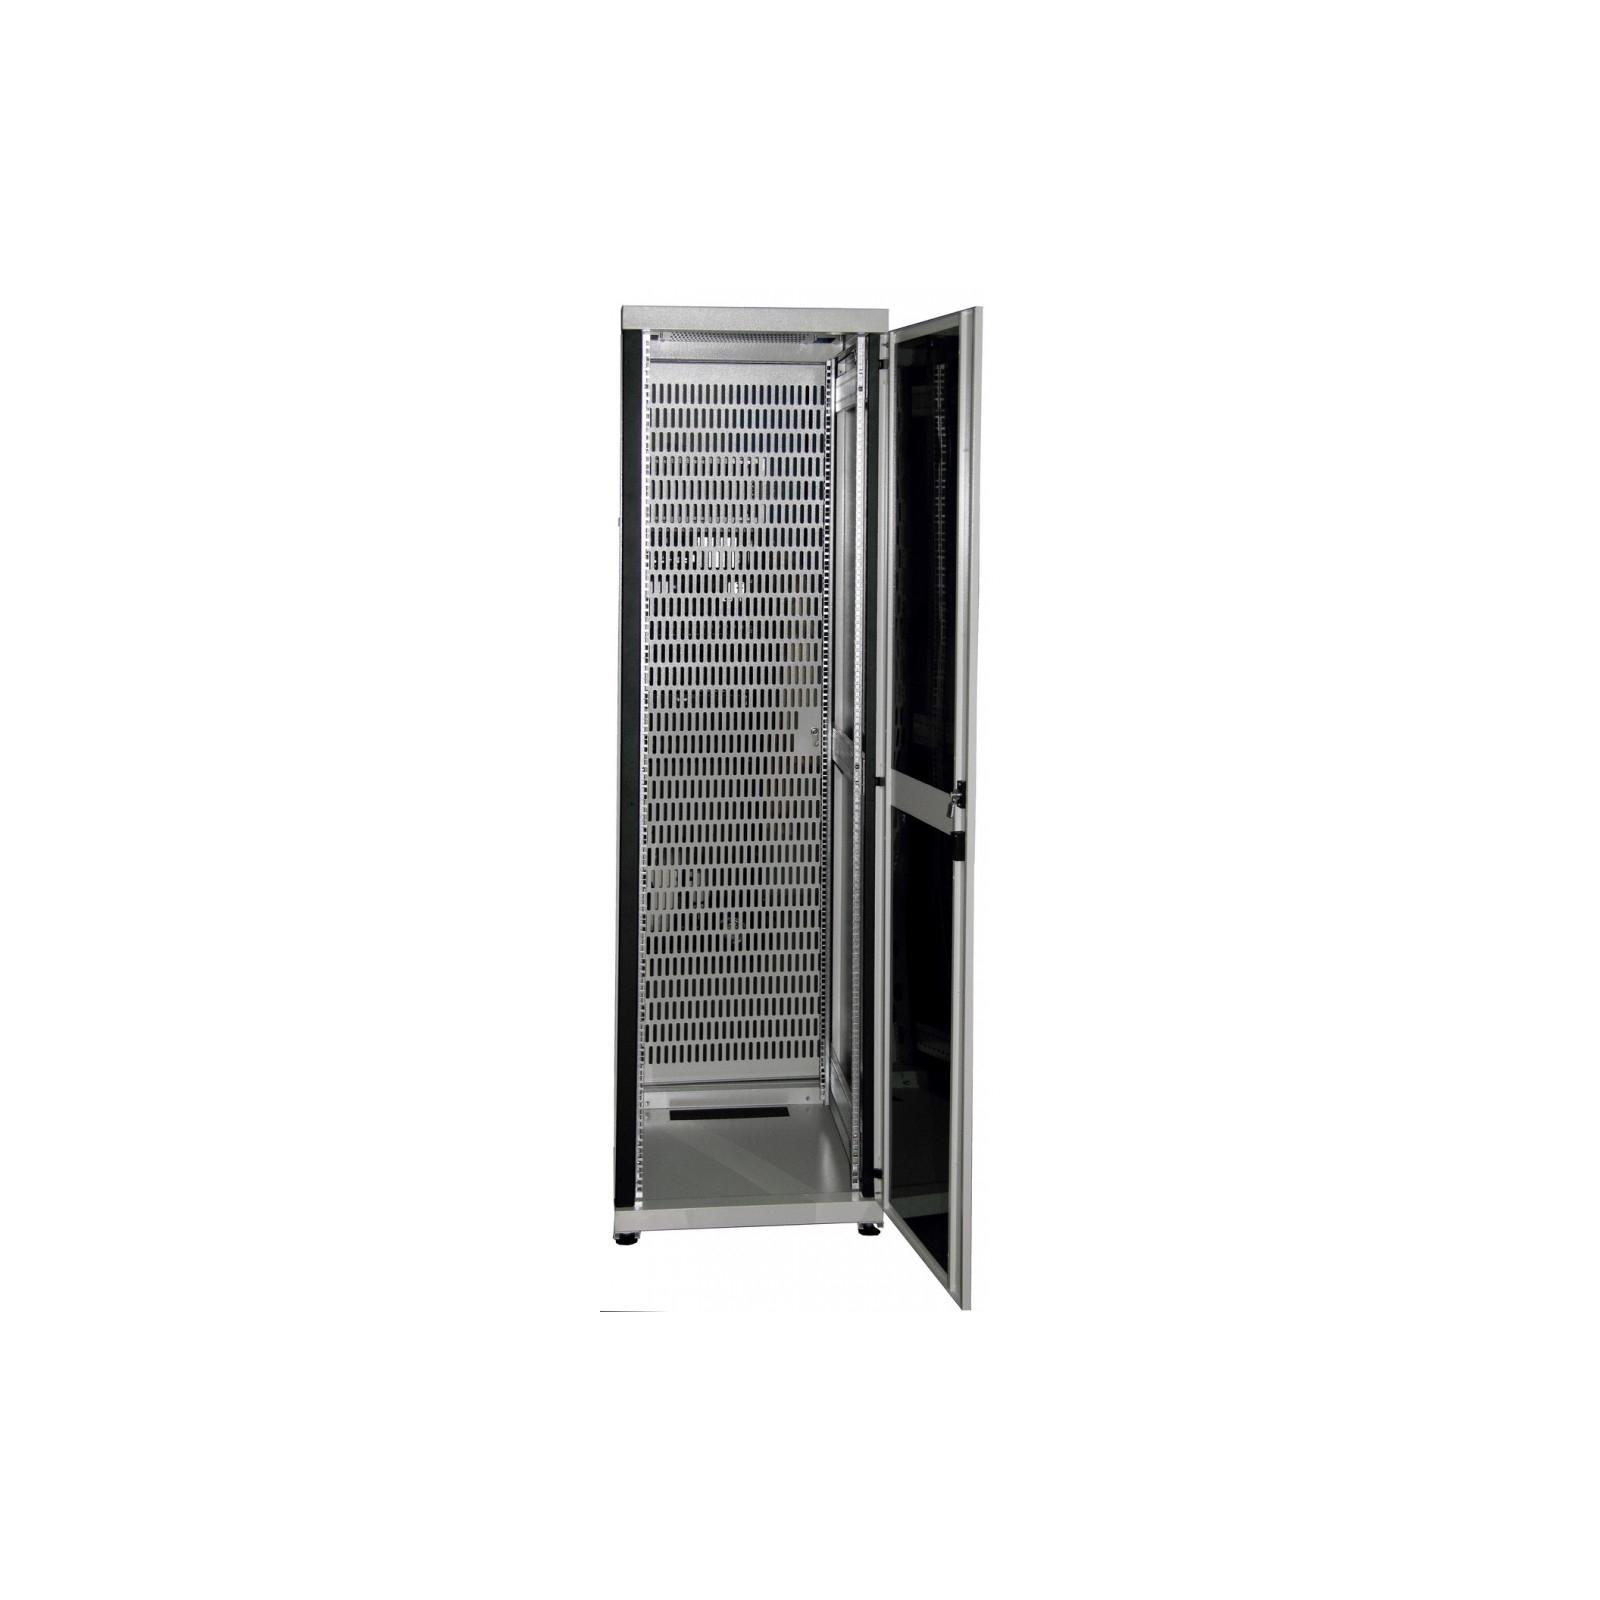 Шкаф напольный CSV 42U Lite Plus 600х600 (скло) (42U Lite Plus) изображение 3